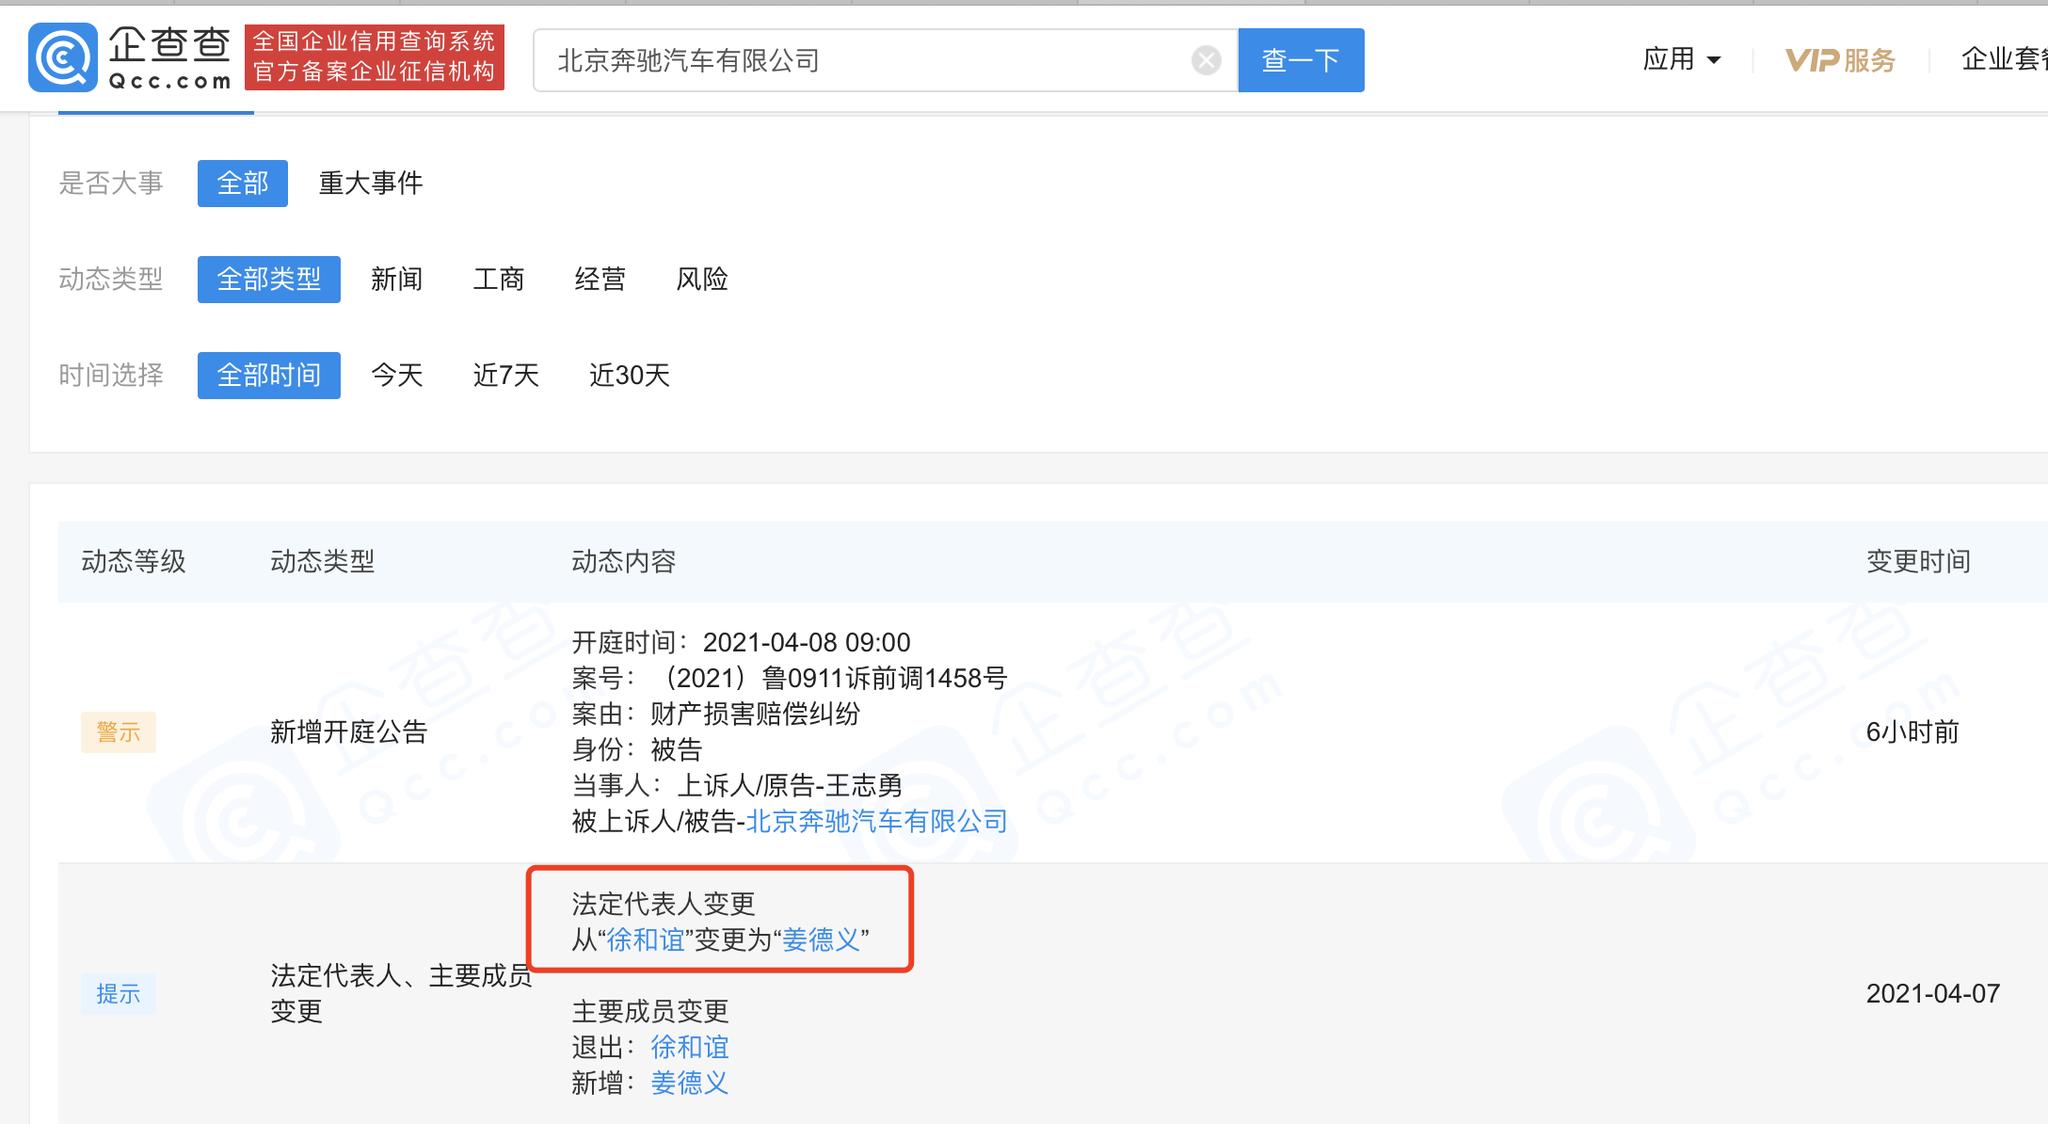 徐和谊退任北京奔驰汽车有限公司法定代表人、董事长